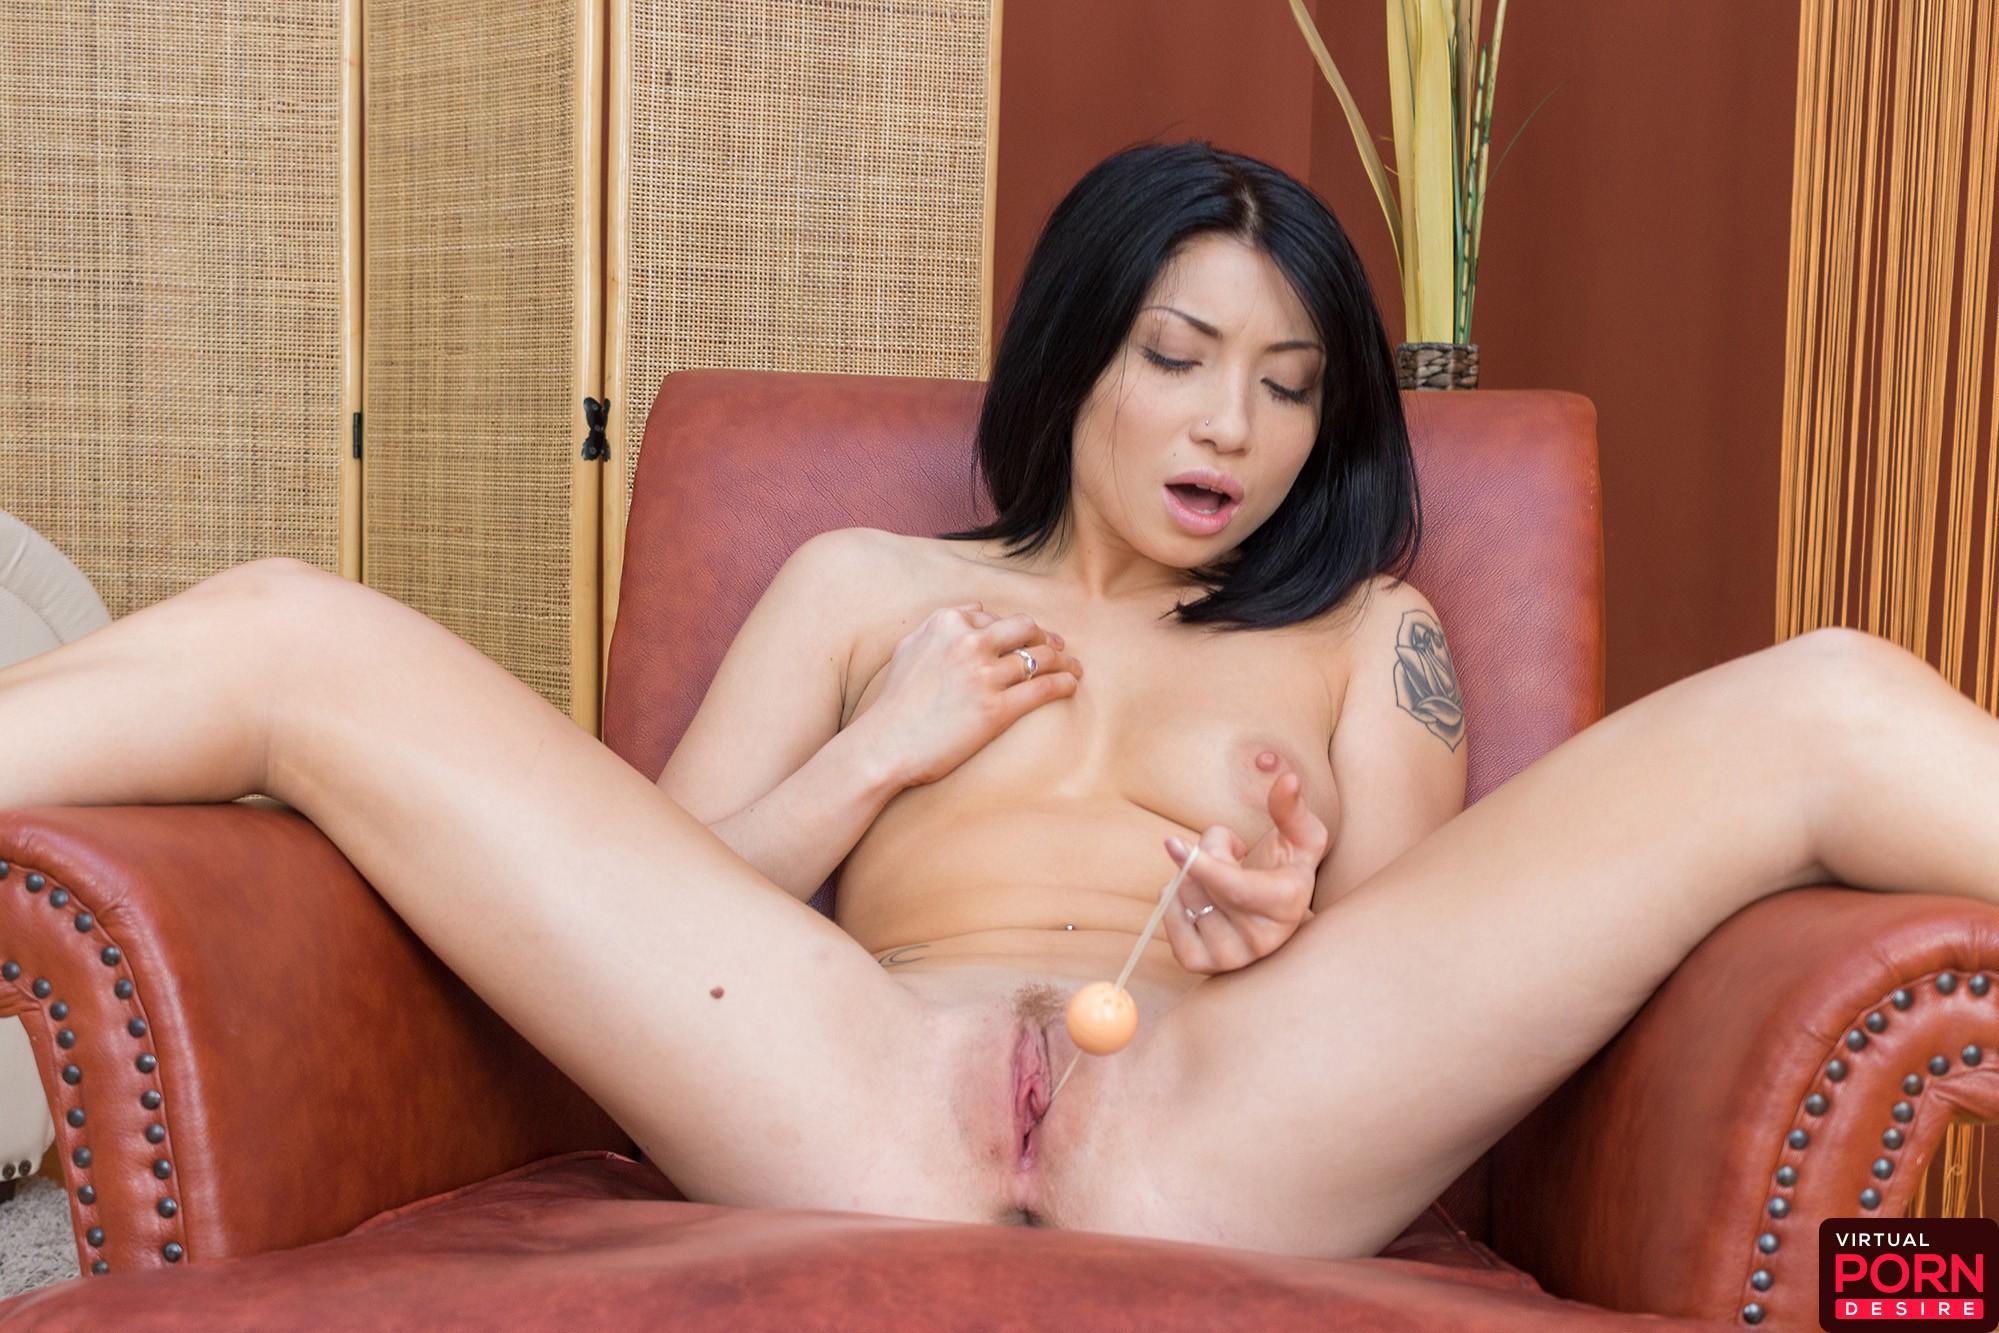 new jap porn